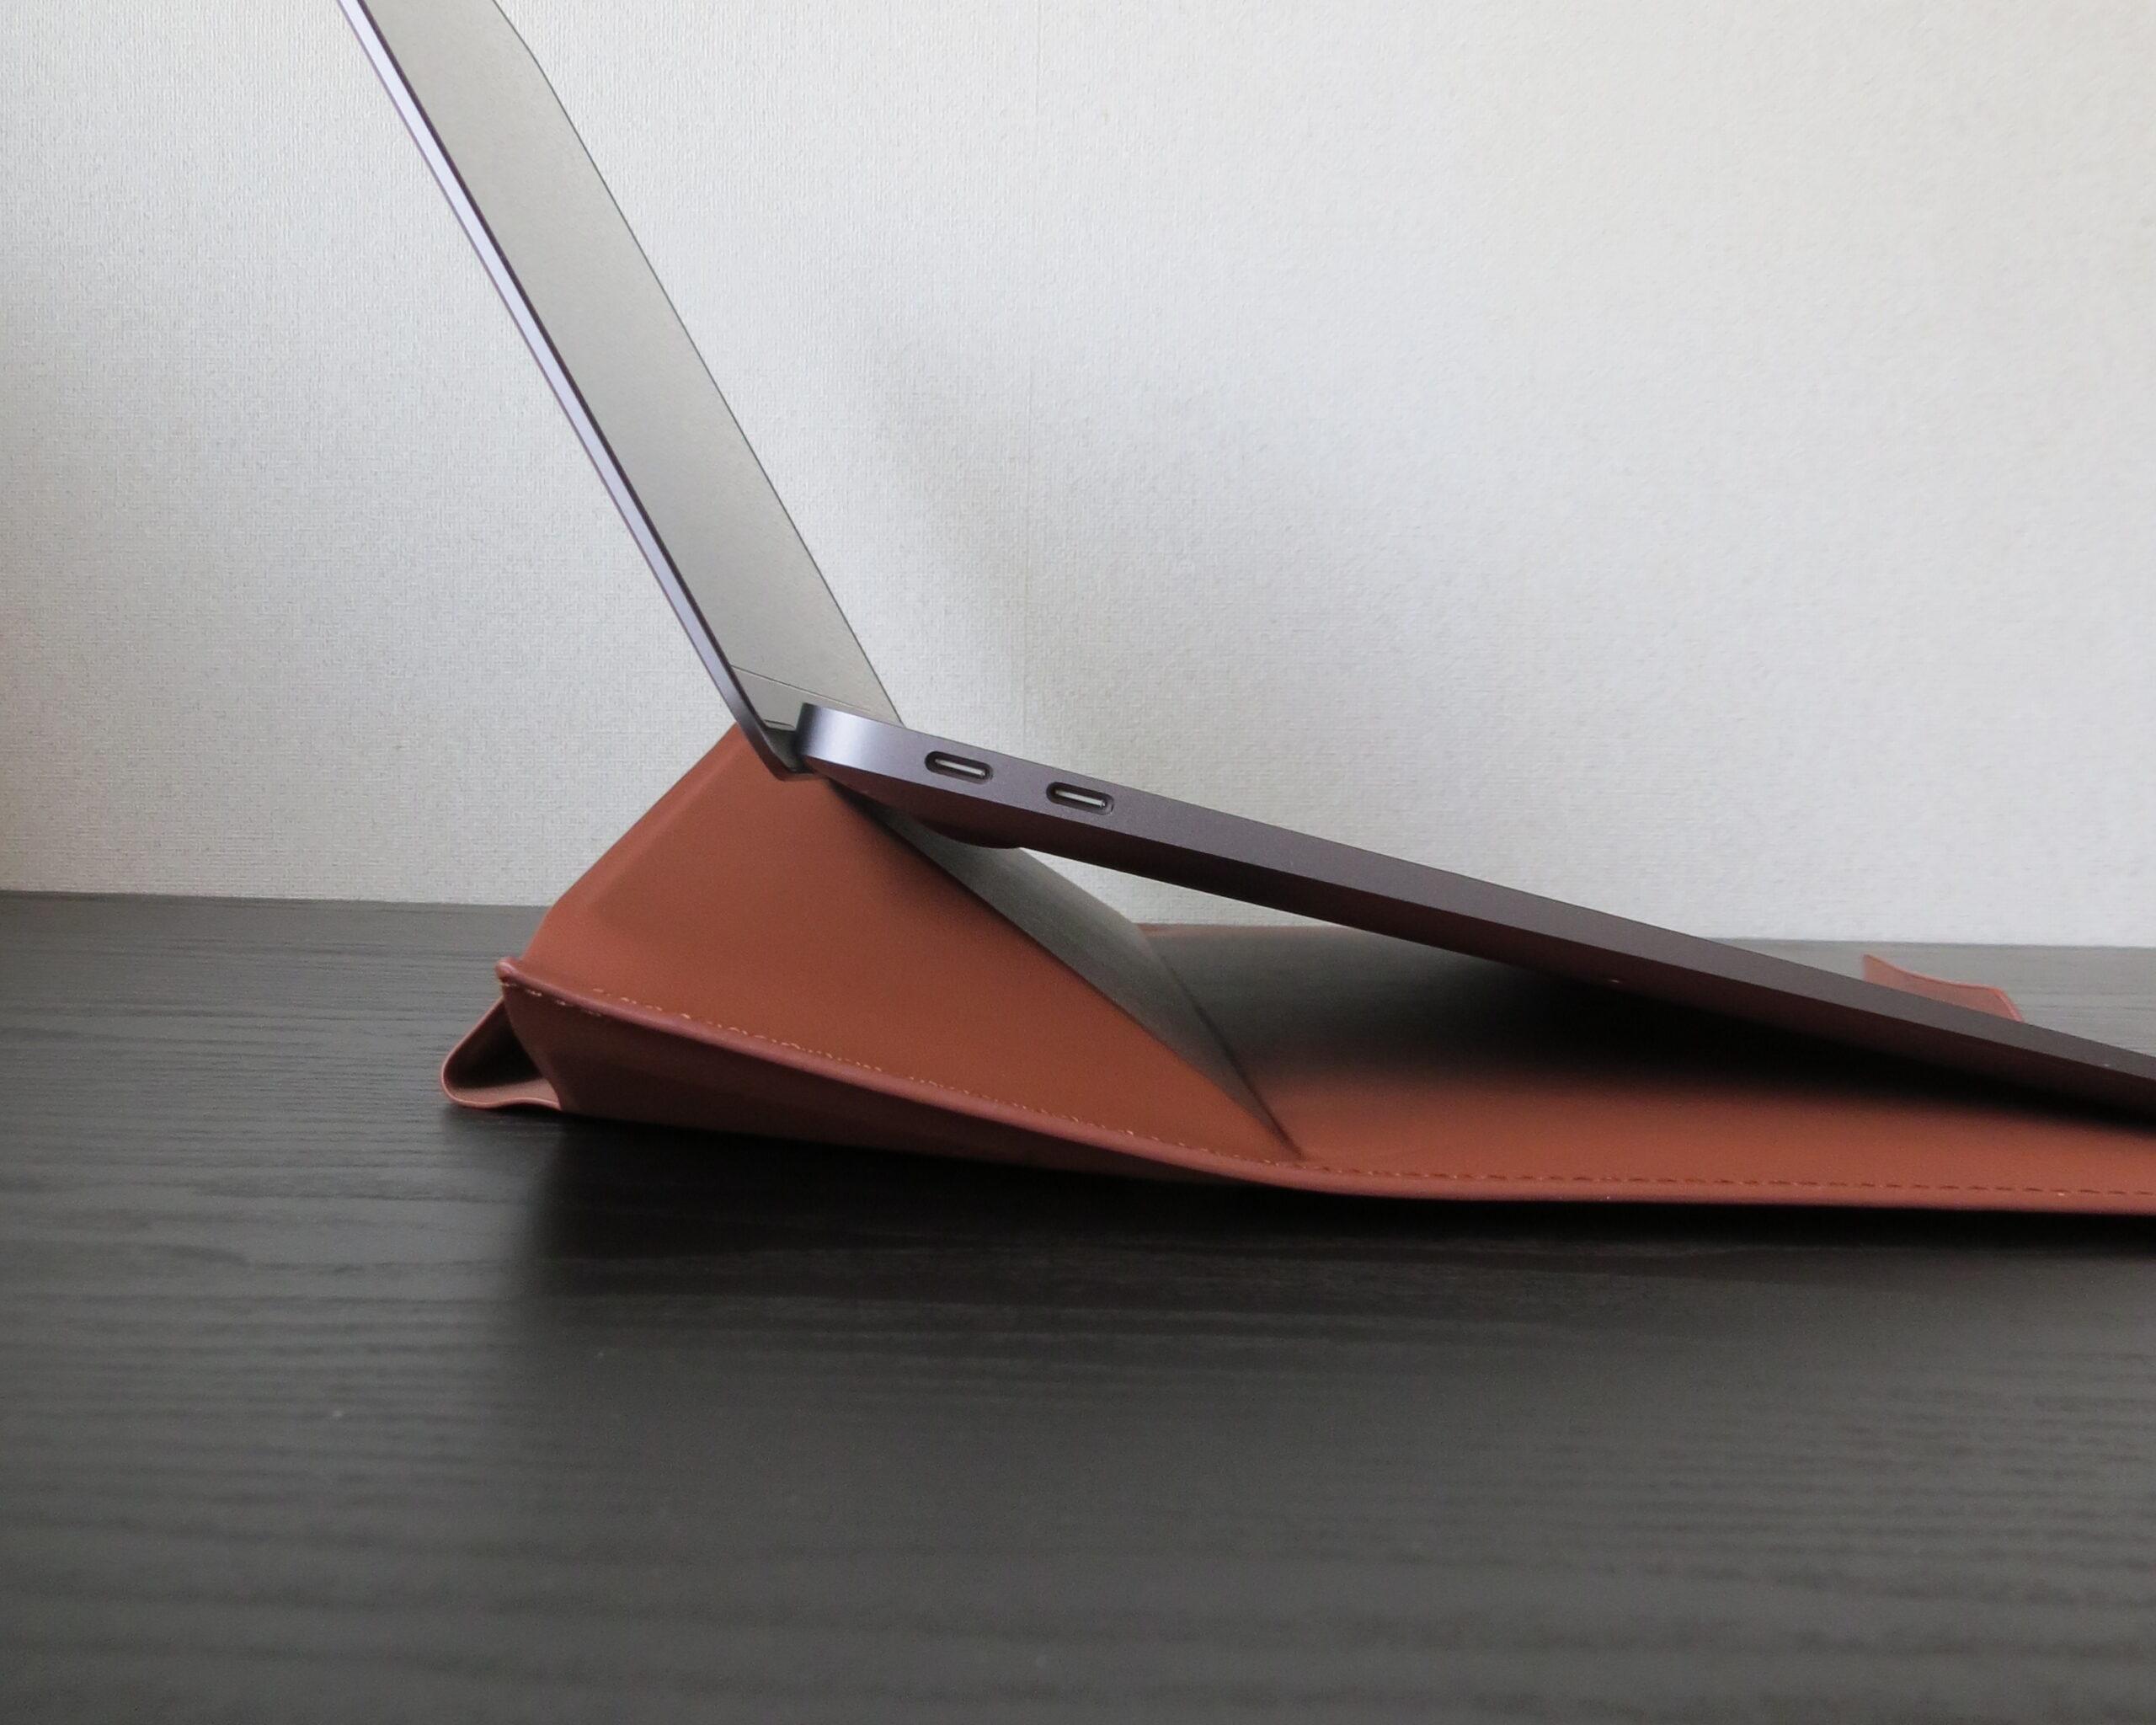 MOFT Carry Sleeveの角度15°を横から見た視点